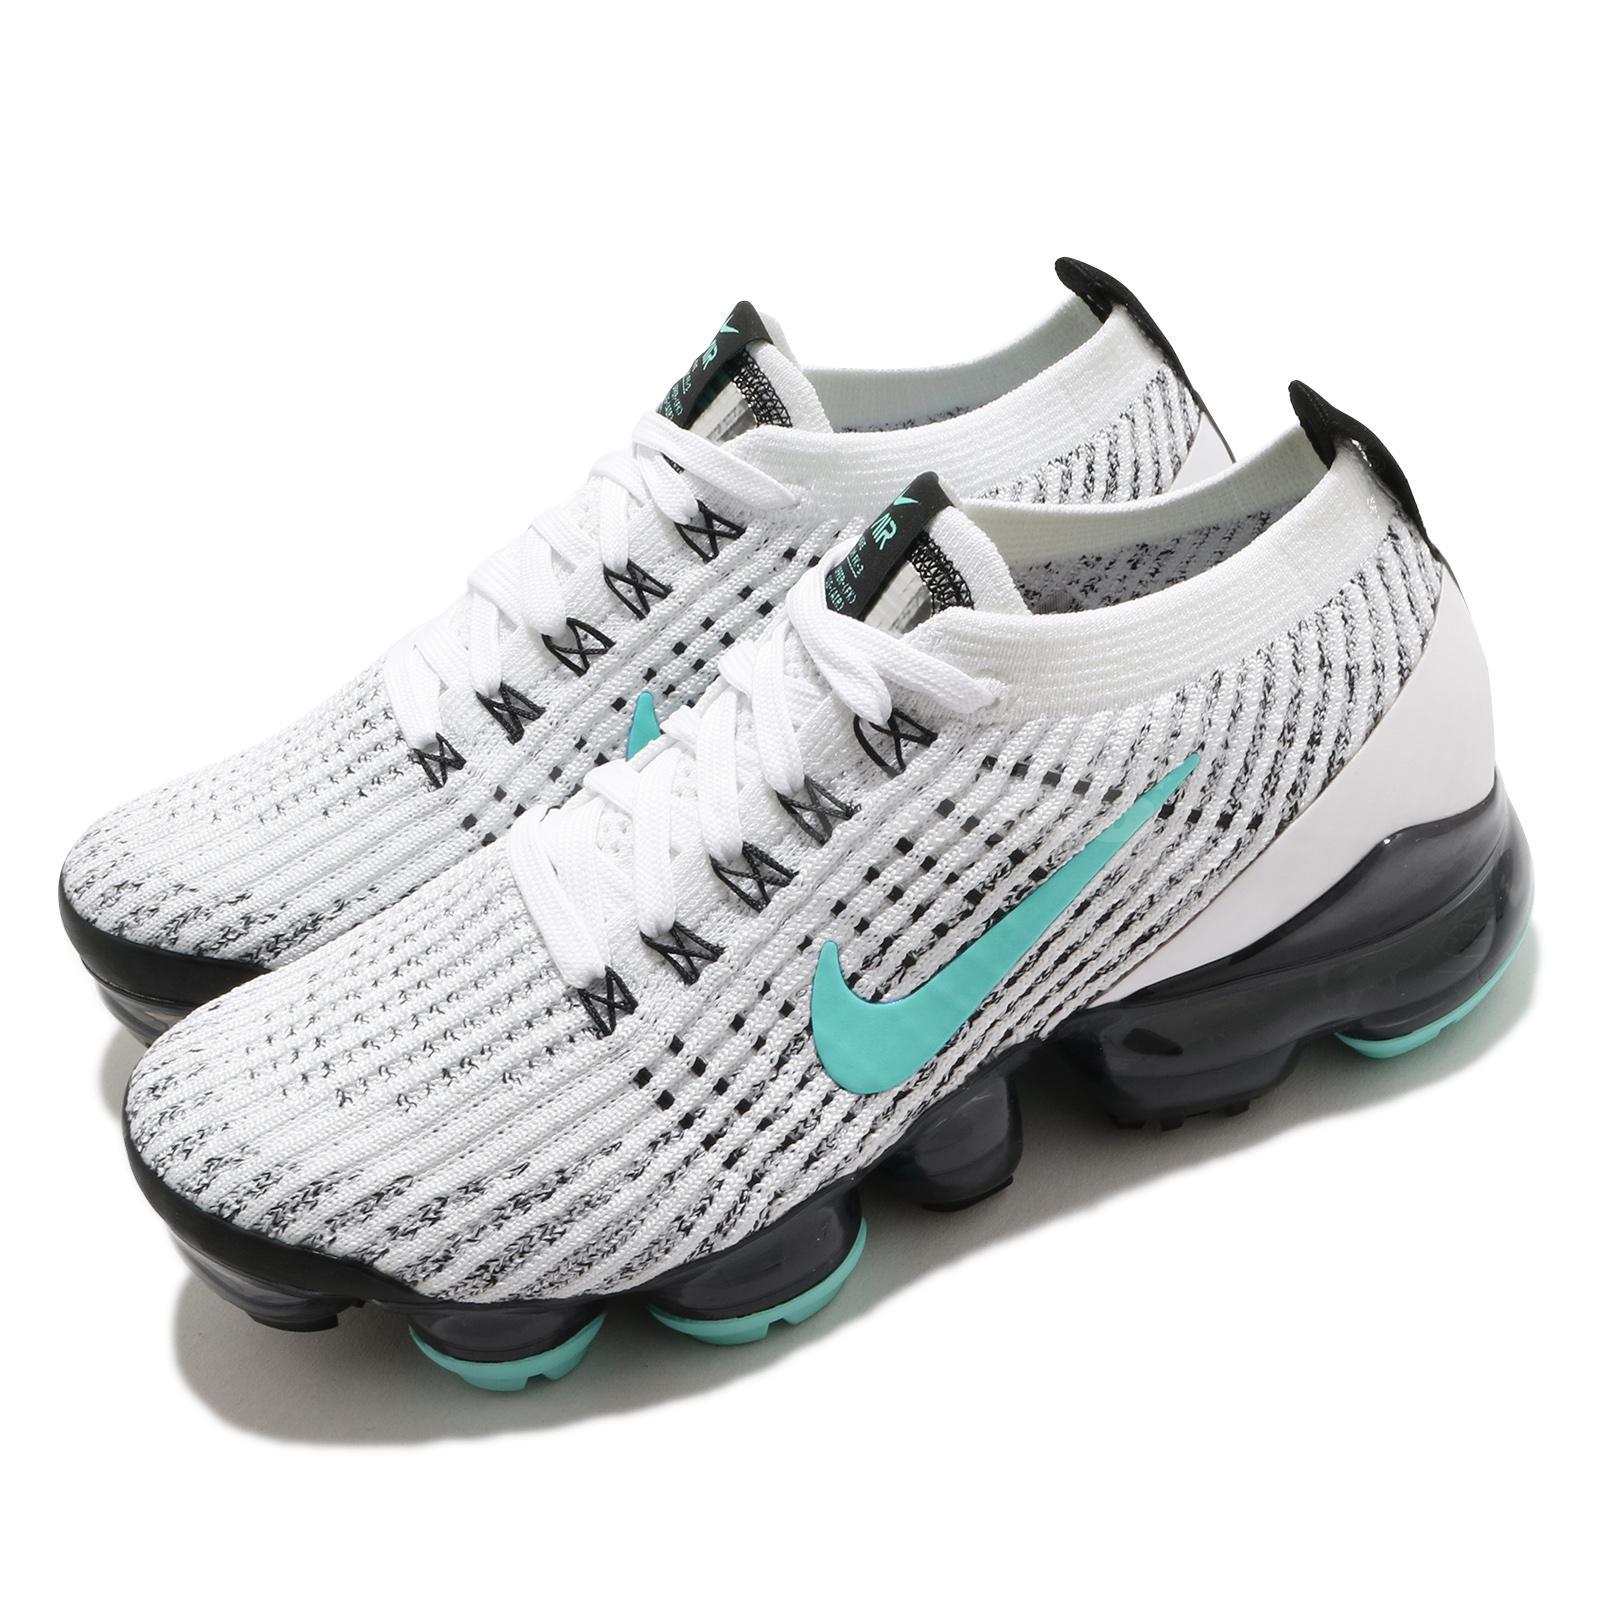 Nike Wmns Vapormax Flyknit 3 White